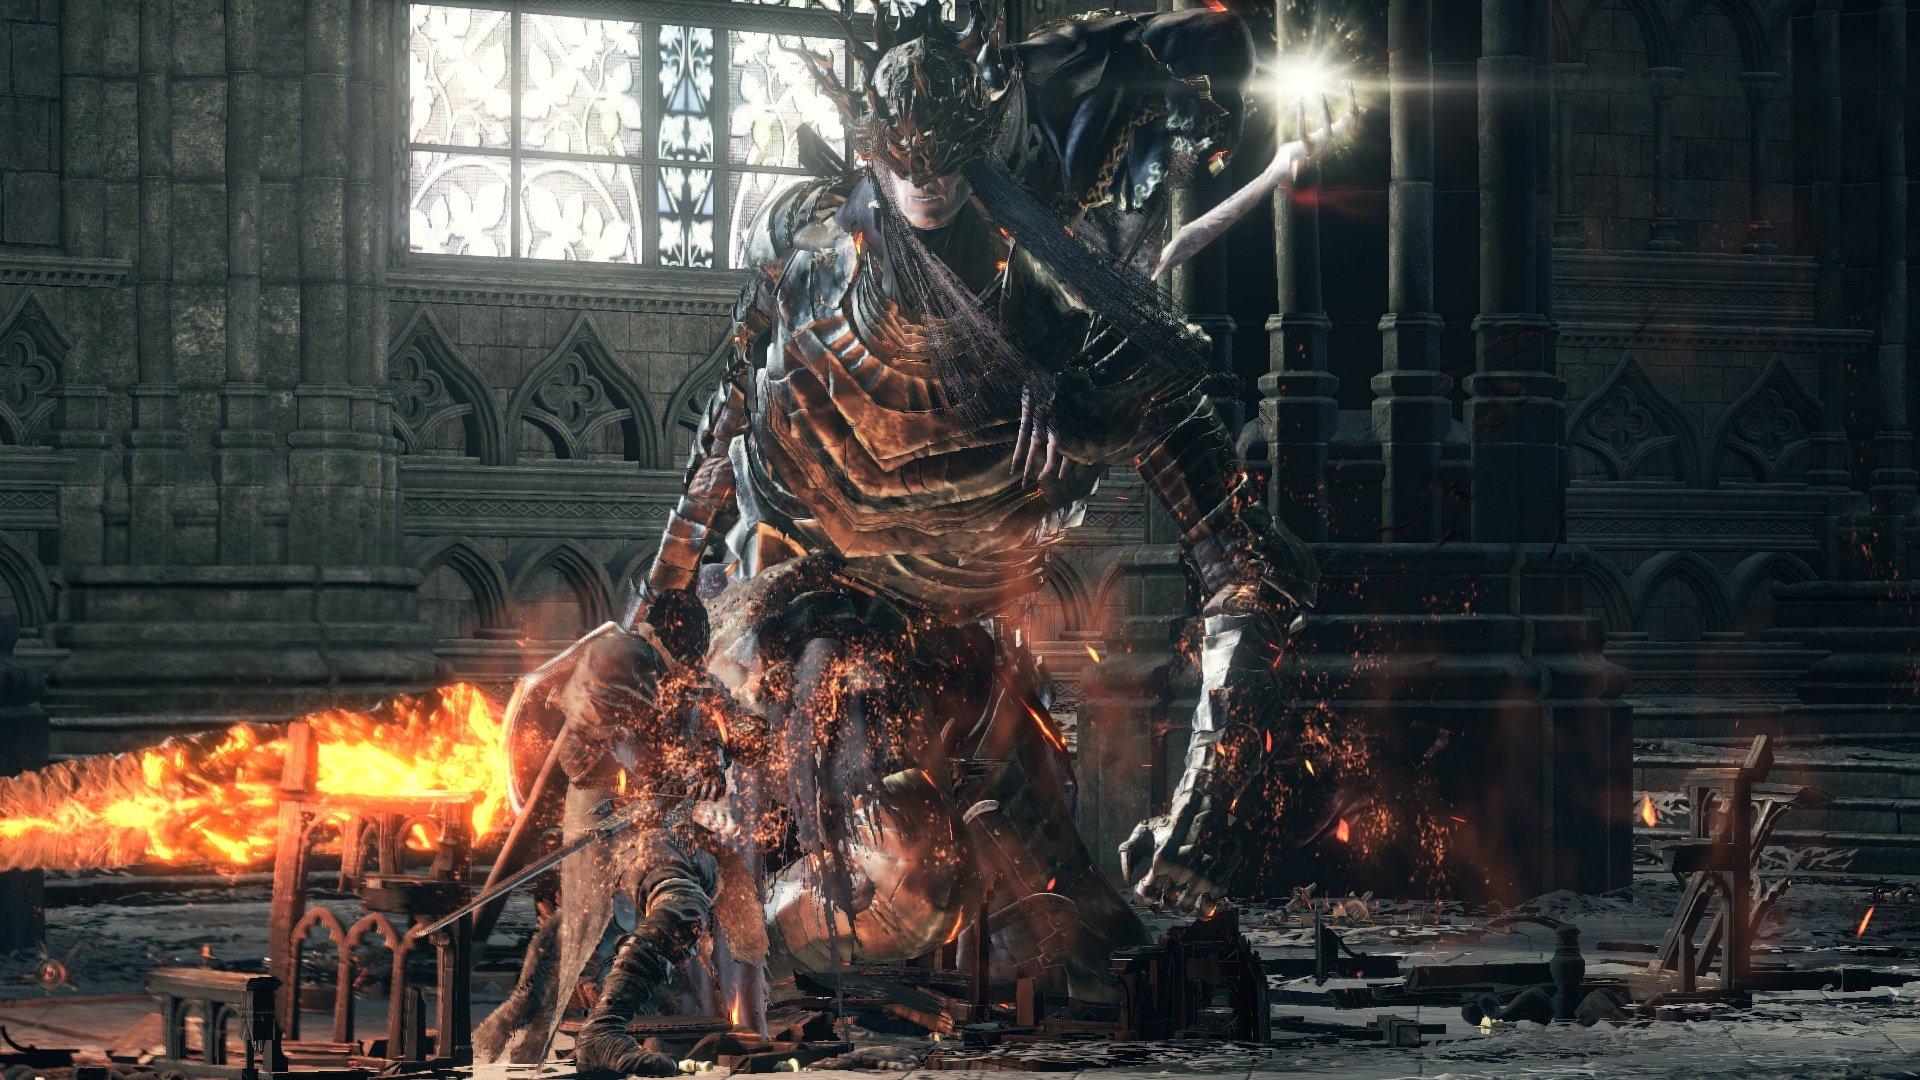 Game thủ Sekiro đẳng cấp cao phô diễn khả năng gạt đòn thượng thừa, đánh trùm Dark Souls dễ như uống nước - Ảnh 1.